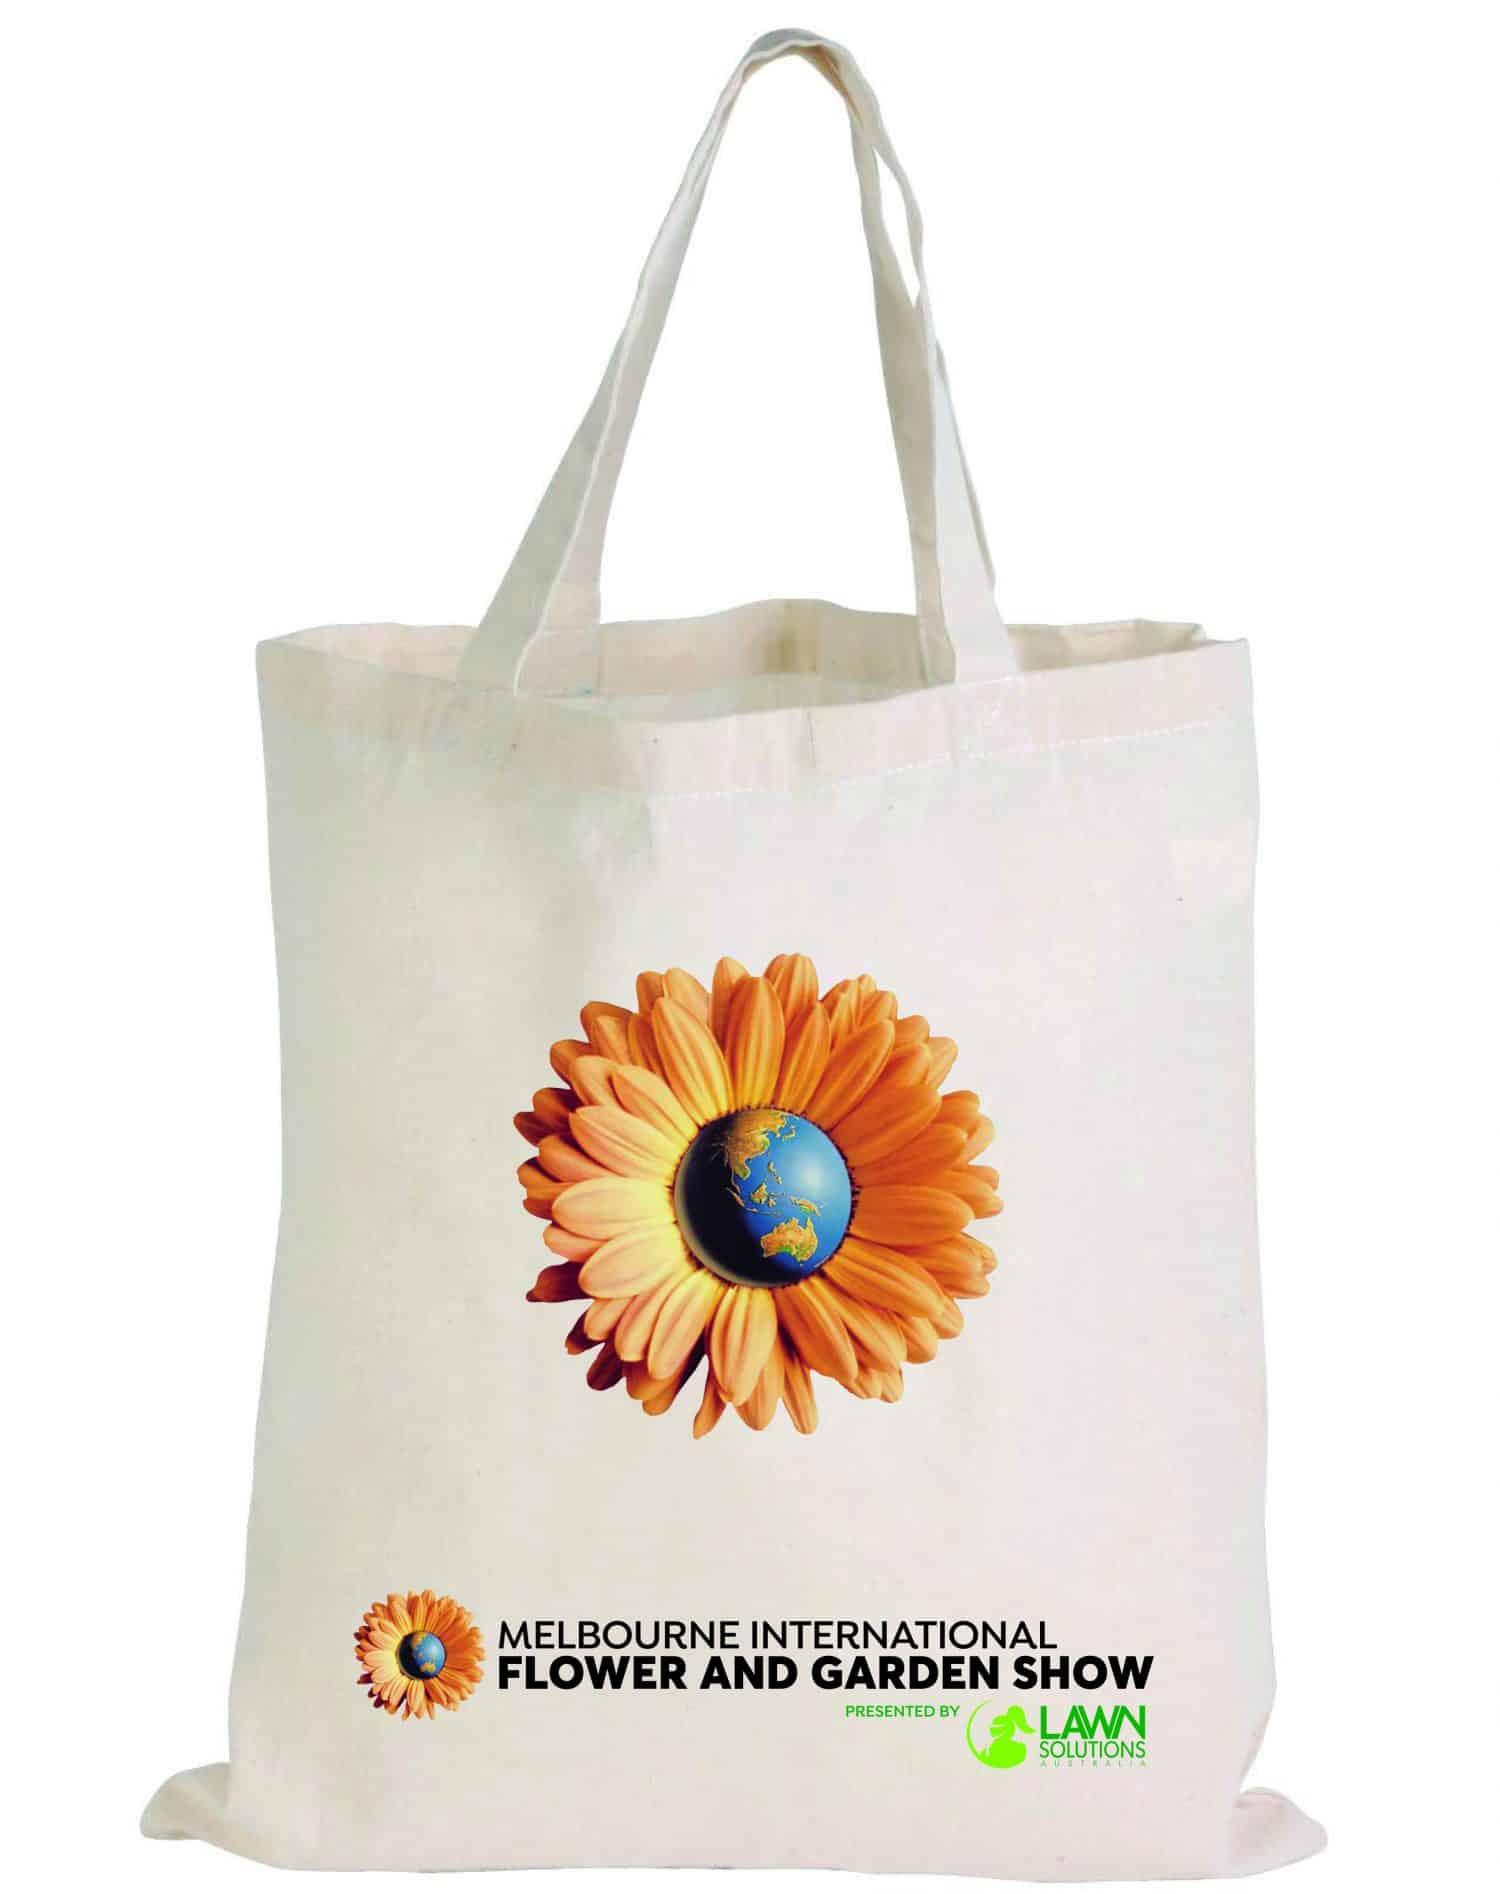 new: merchandise - melbourne international flower & garden show